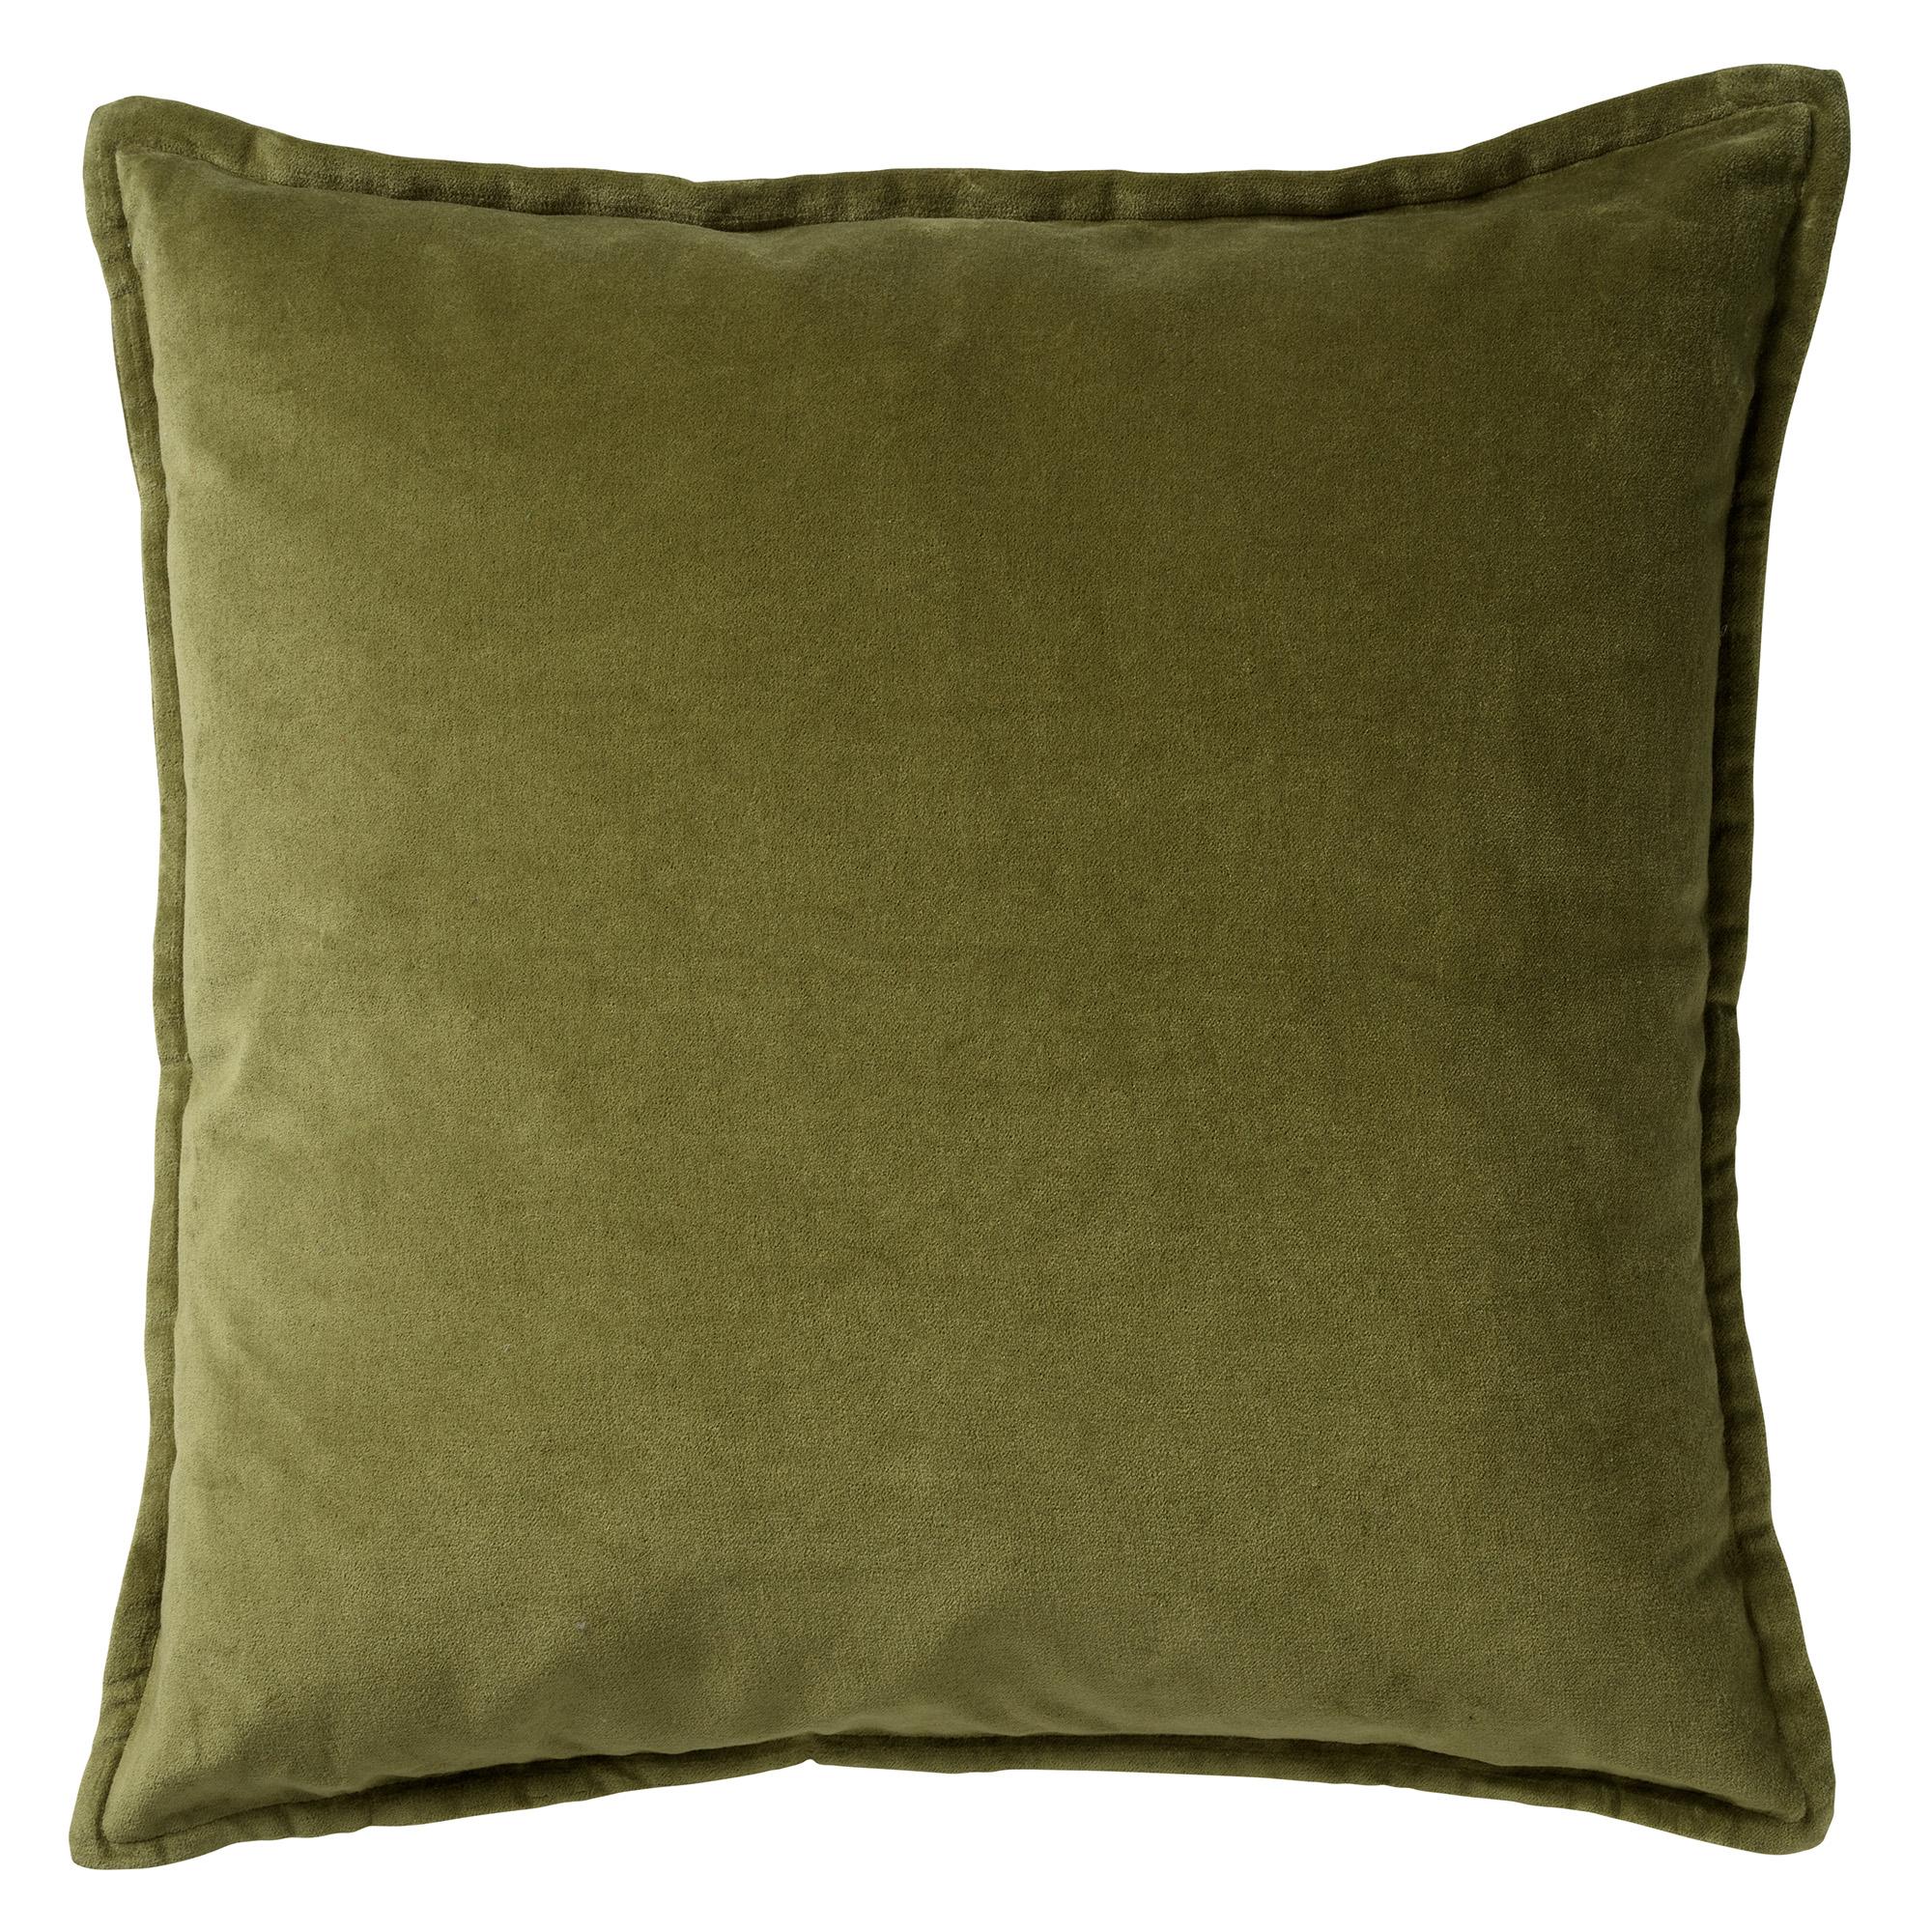 CAITH - Kussenhoes velvet Calliste Green 50x50 cm